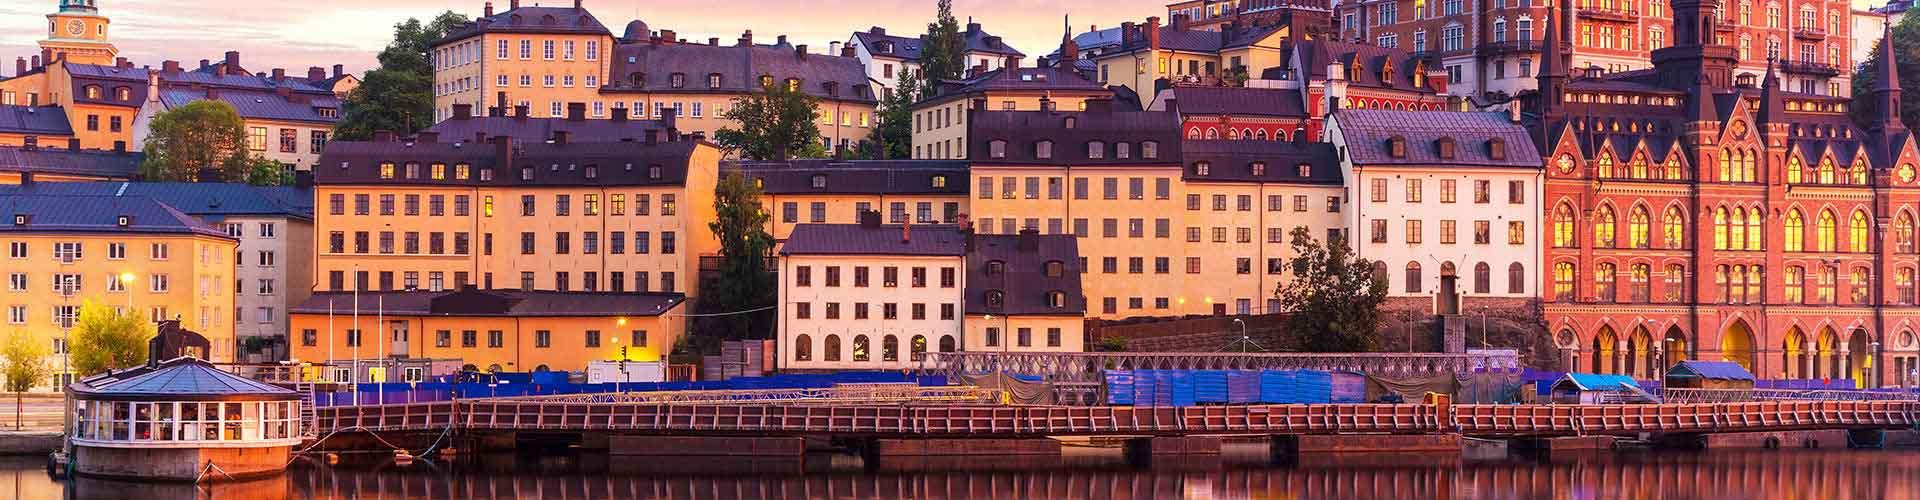 Stoccolma – Ostelli nella Södermalm zona. Mappe per Stoccolma, Foto e Recensioni per ogni ostello a Stoccolma.